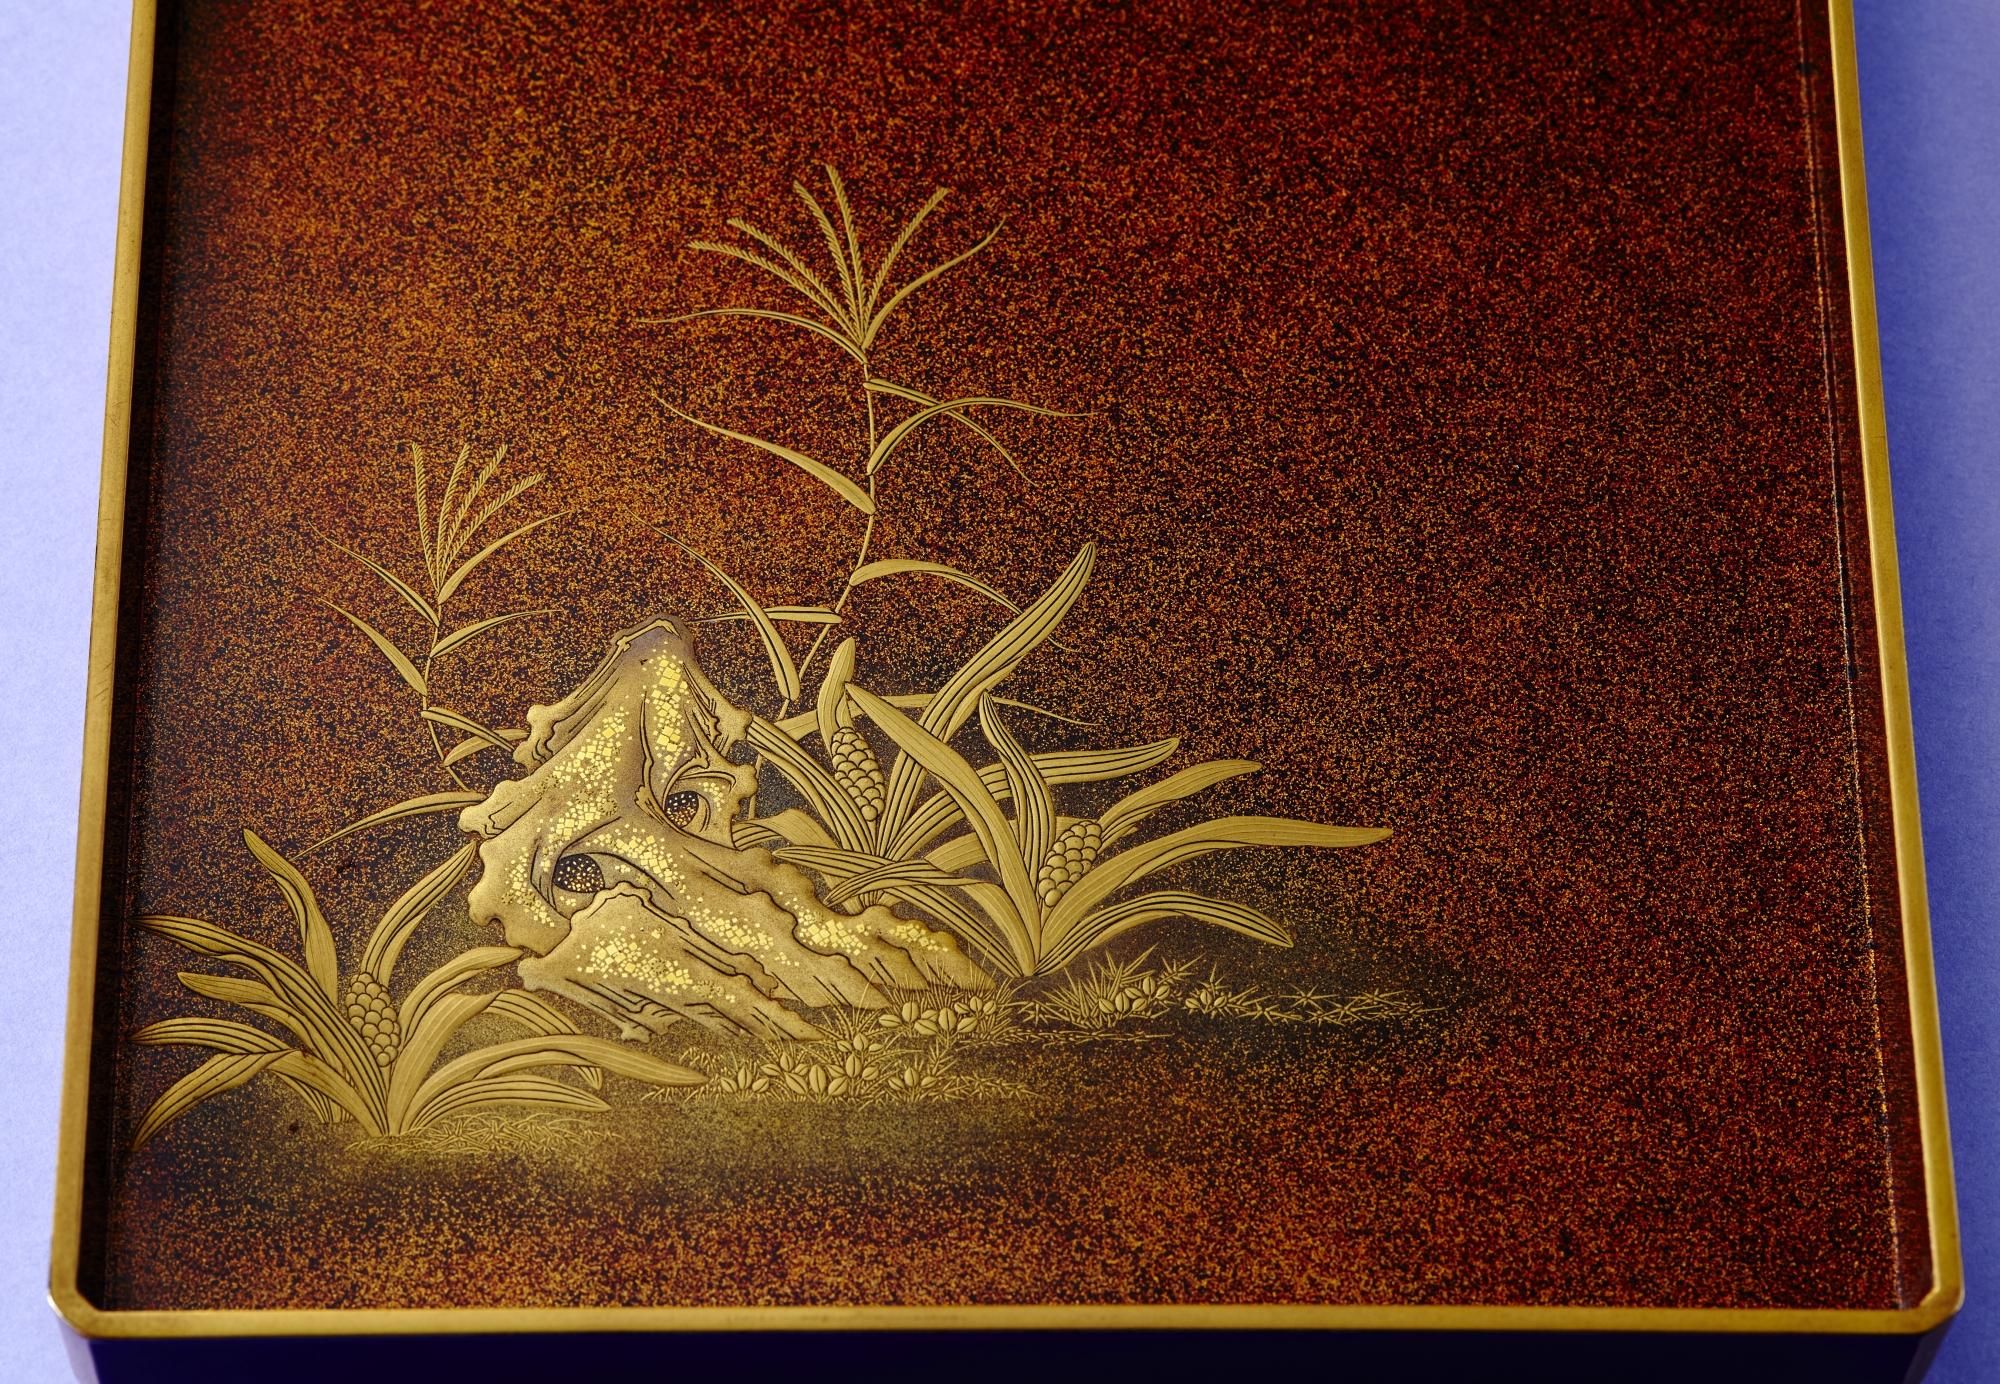 田舎家硯箱画像5